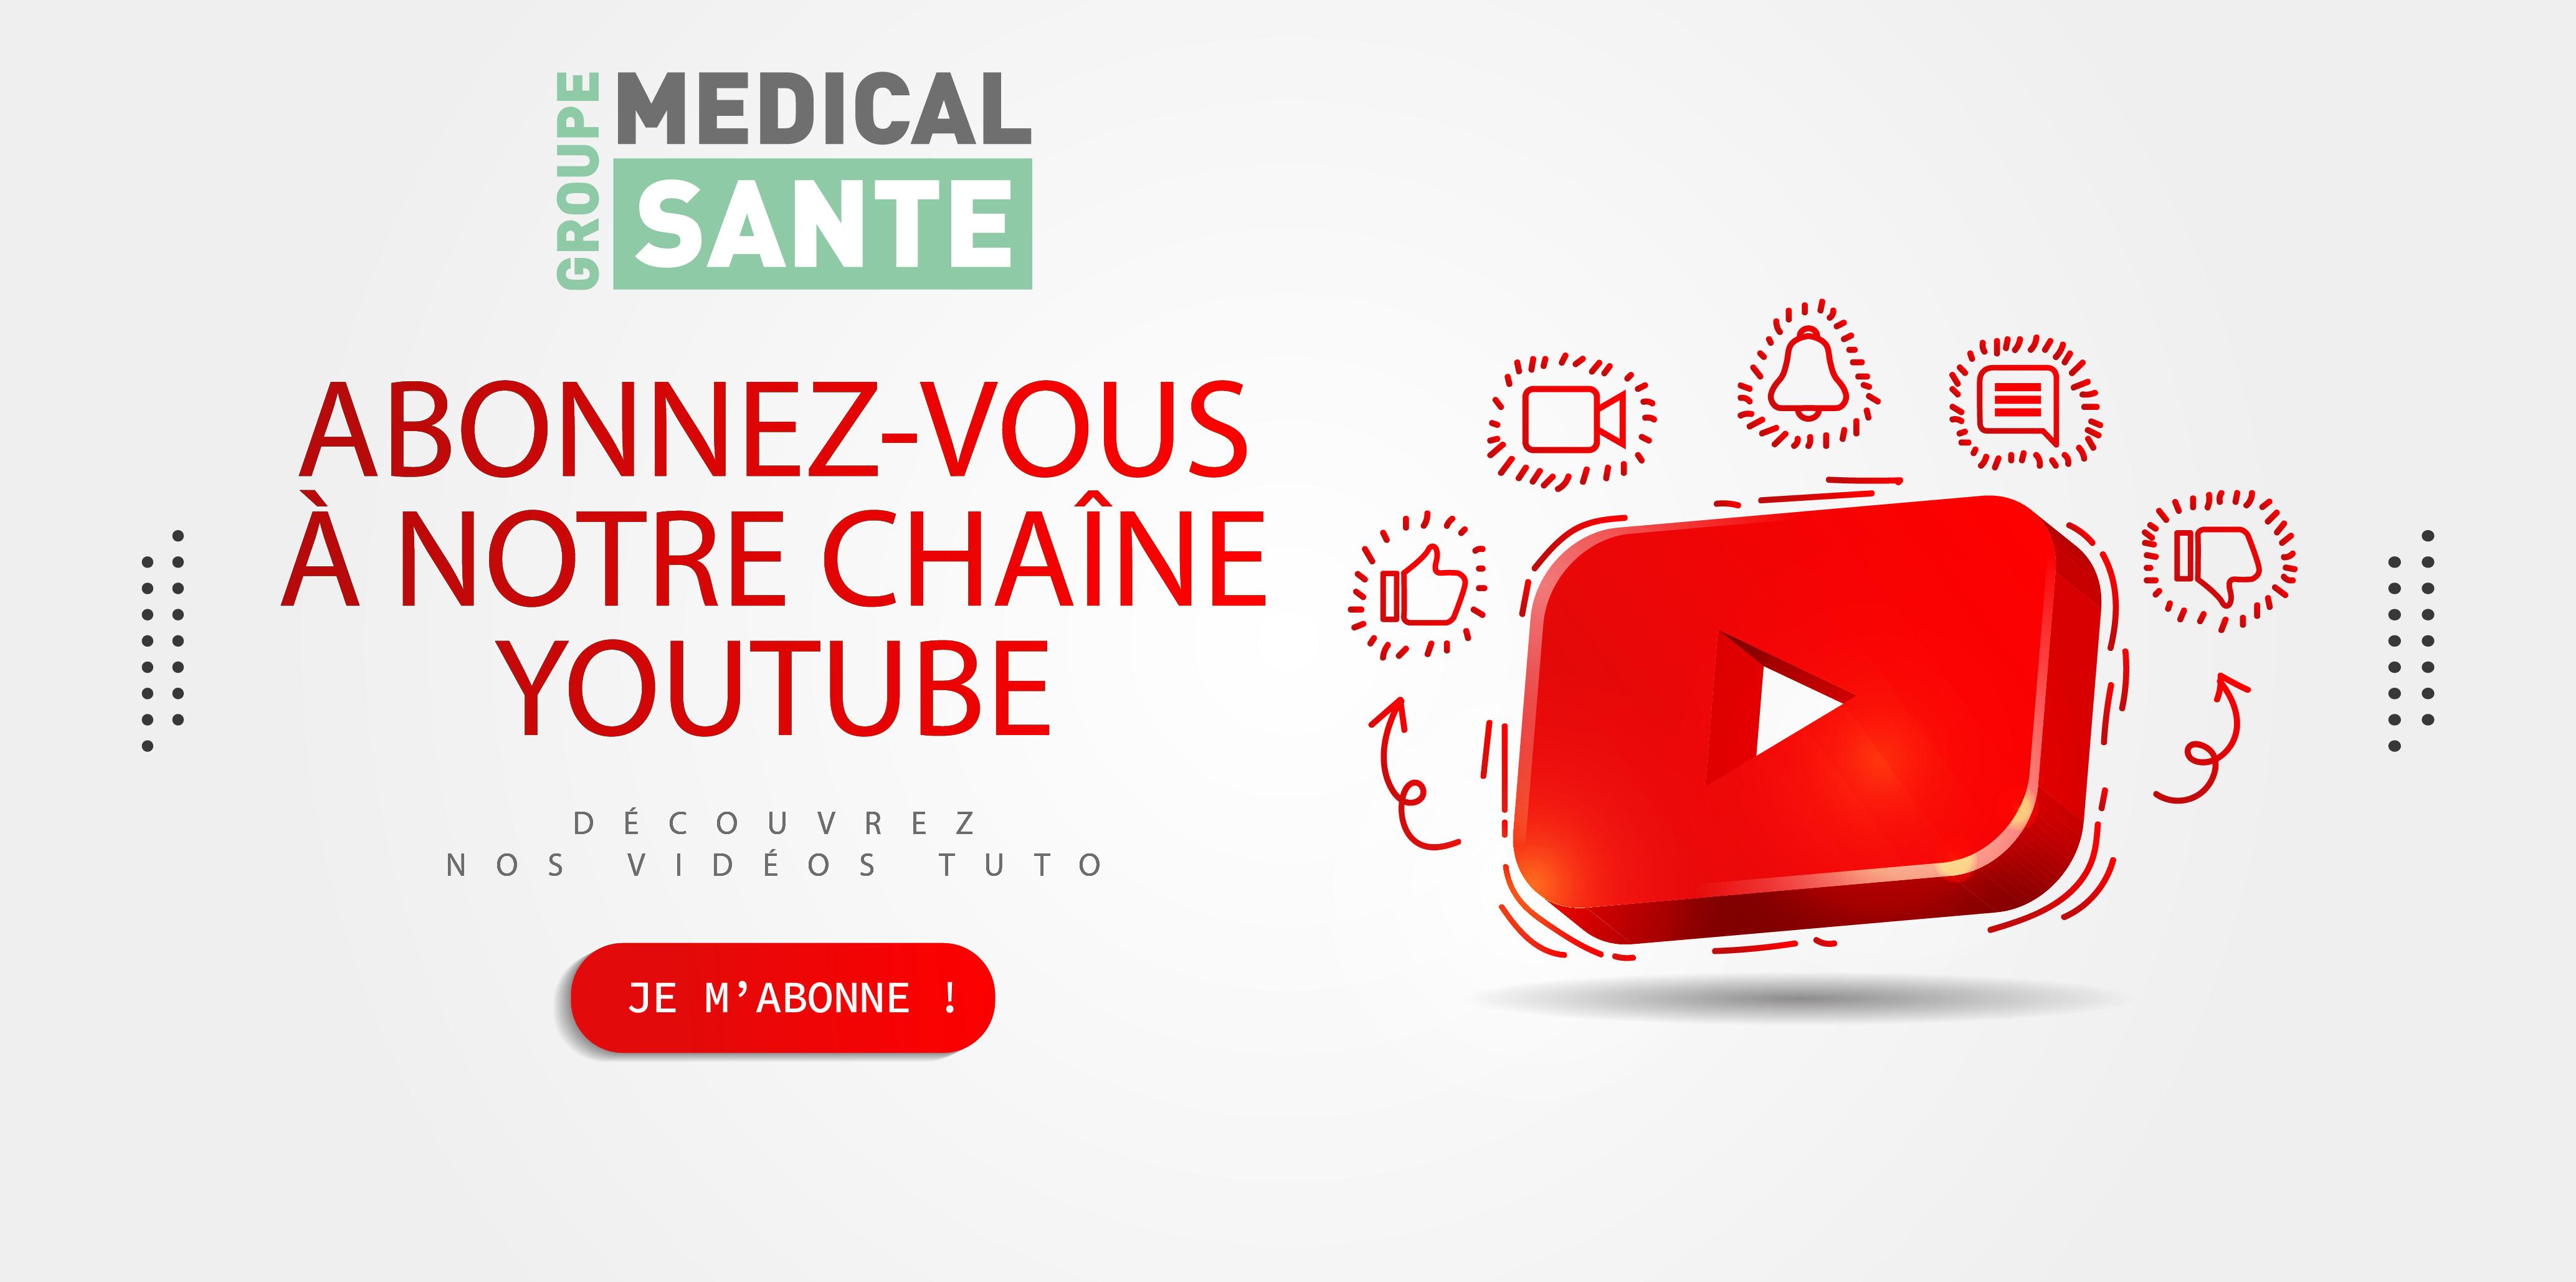 Chaine youtube groupe médical santé